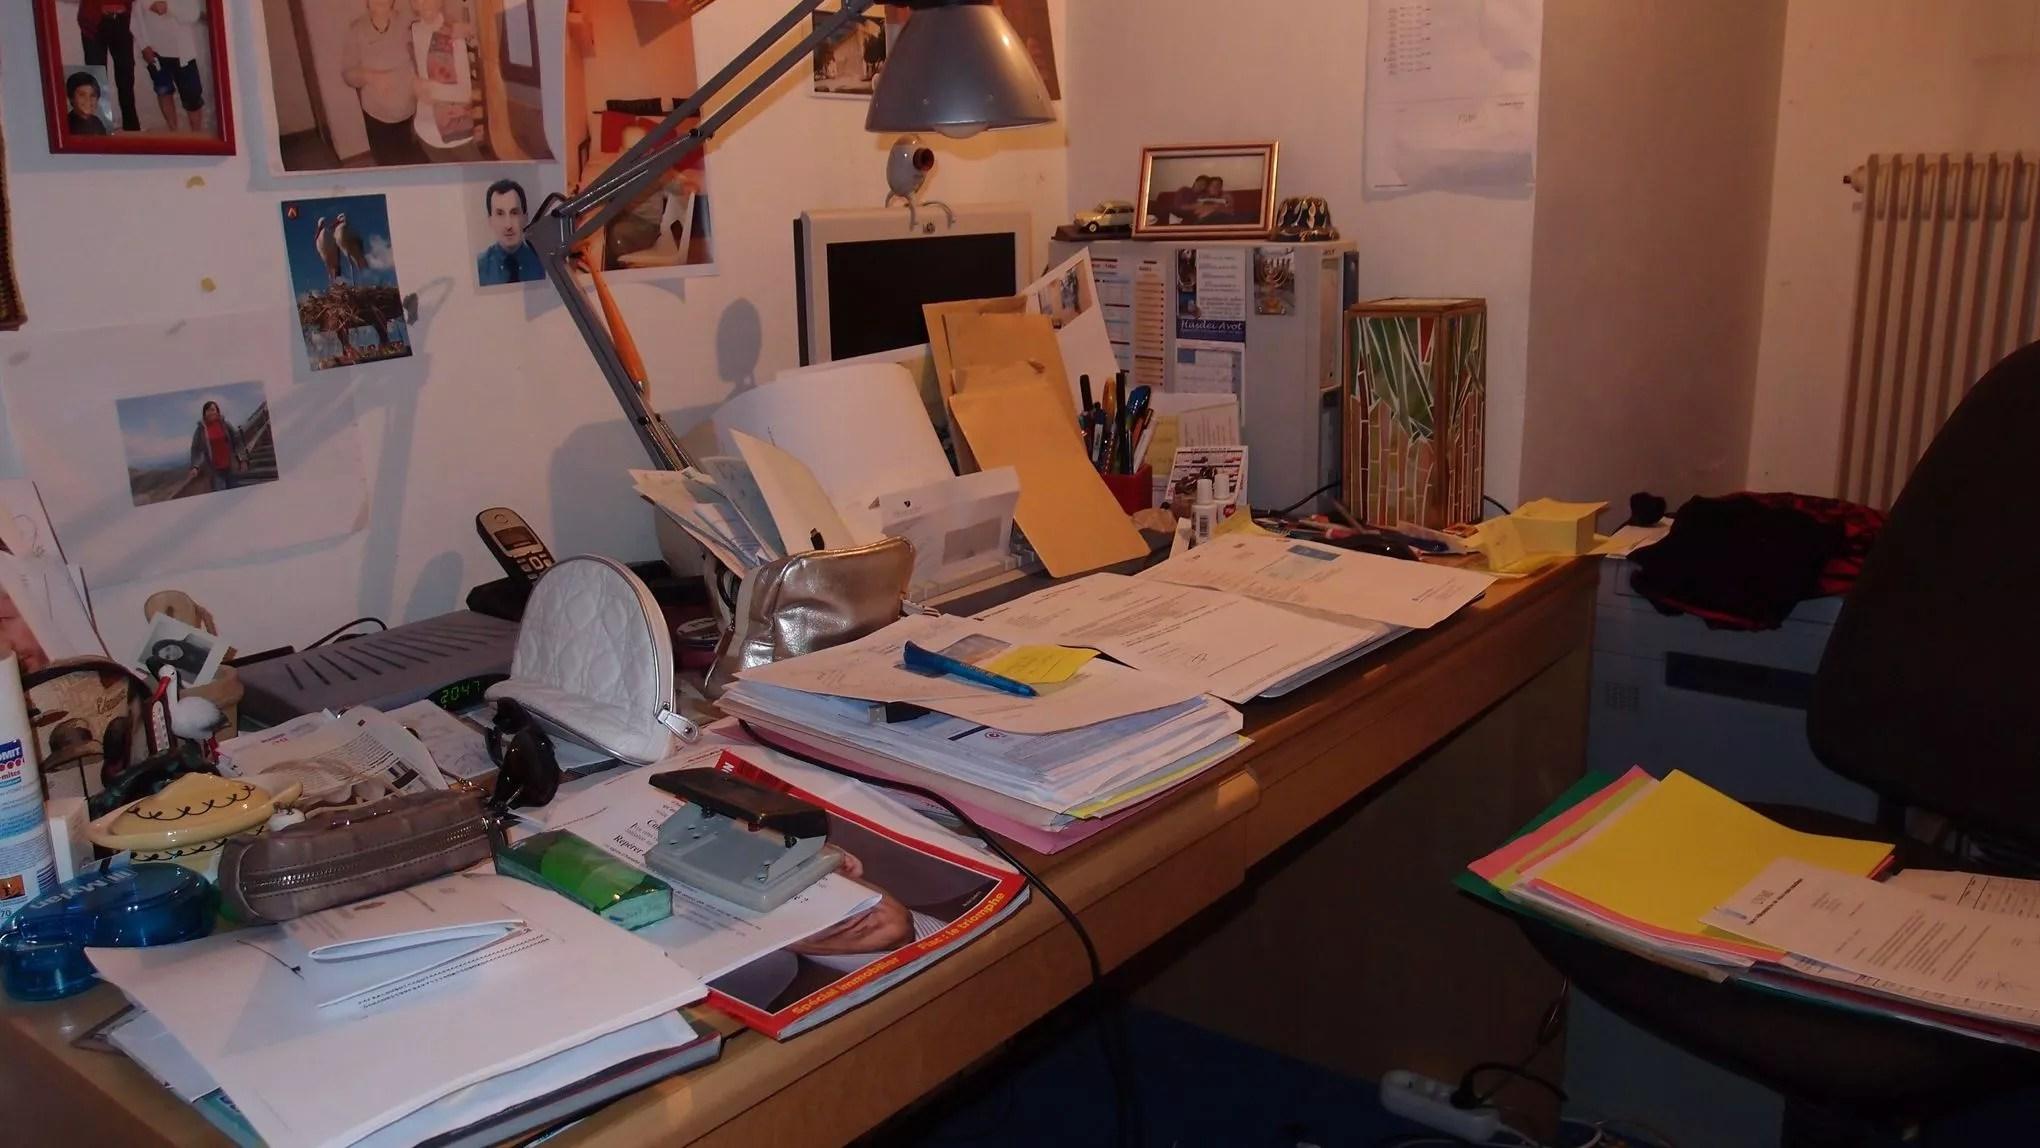 La Clef De La Productivit Avoir Un Bureau En Dsordre